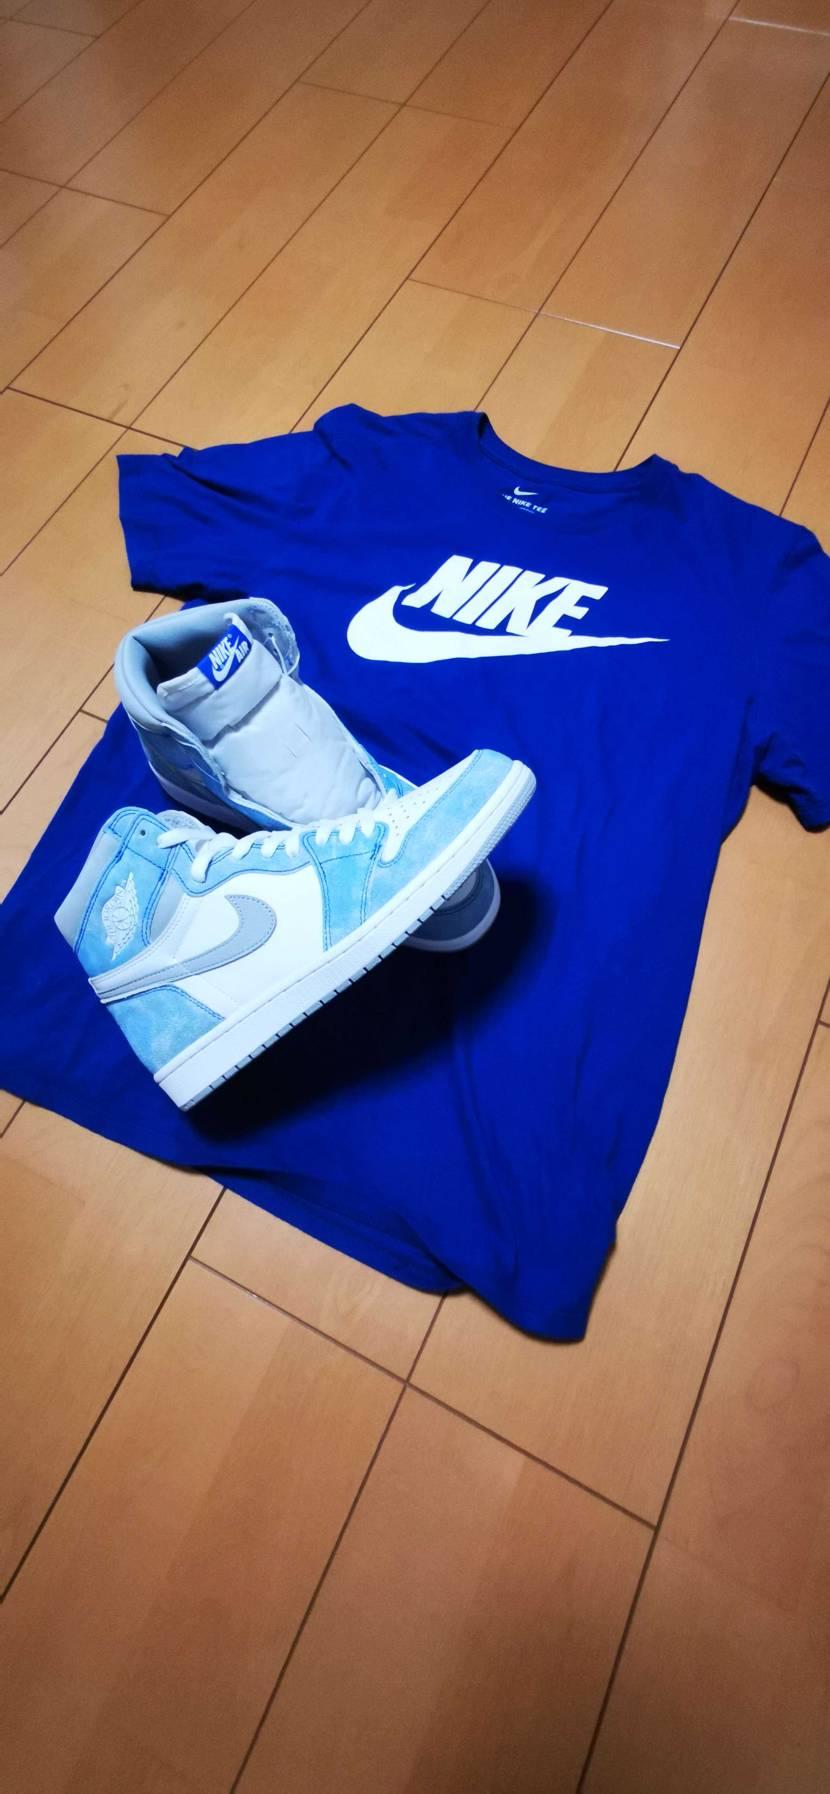 やっとGET❤️シュータンのナイキロゴ青白もいいね👍 青白ナイキTシャツと一緒に